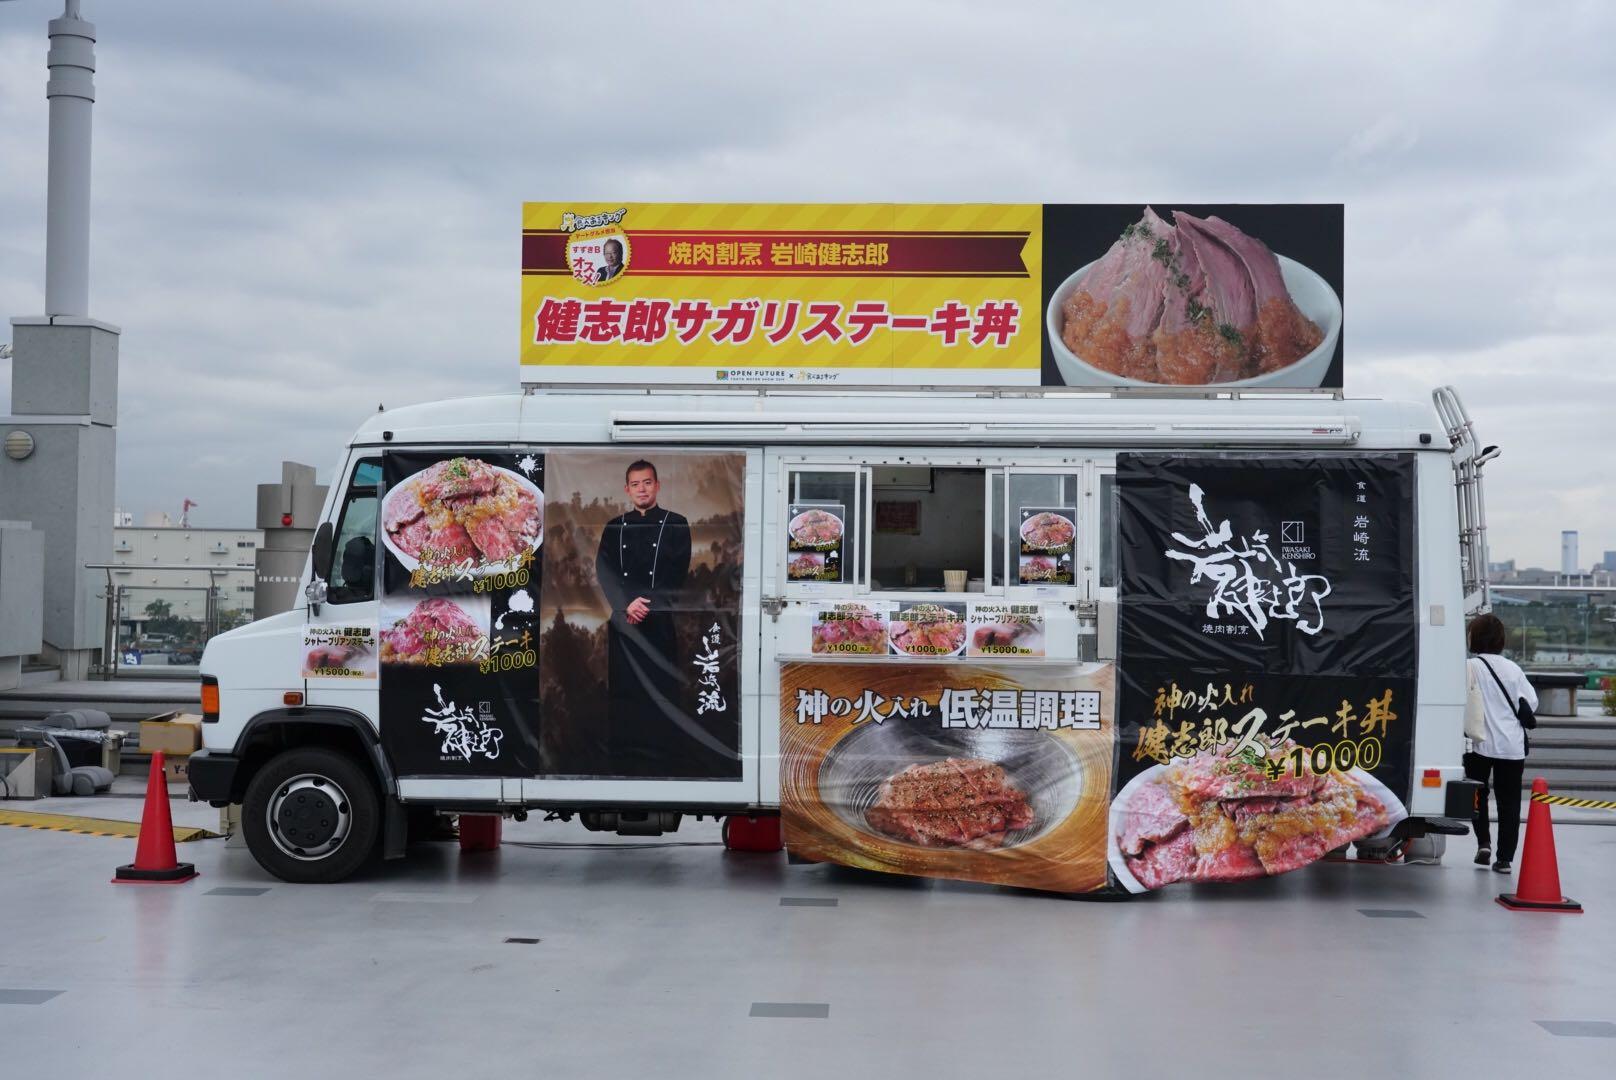 焼肉割烹 岩崎健志郎 グルメキングダム 東京モーターショー2019